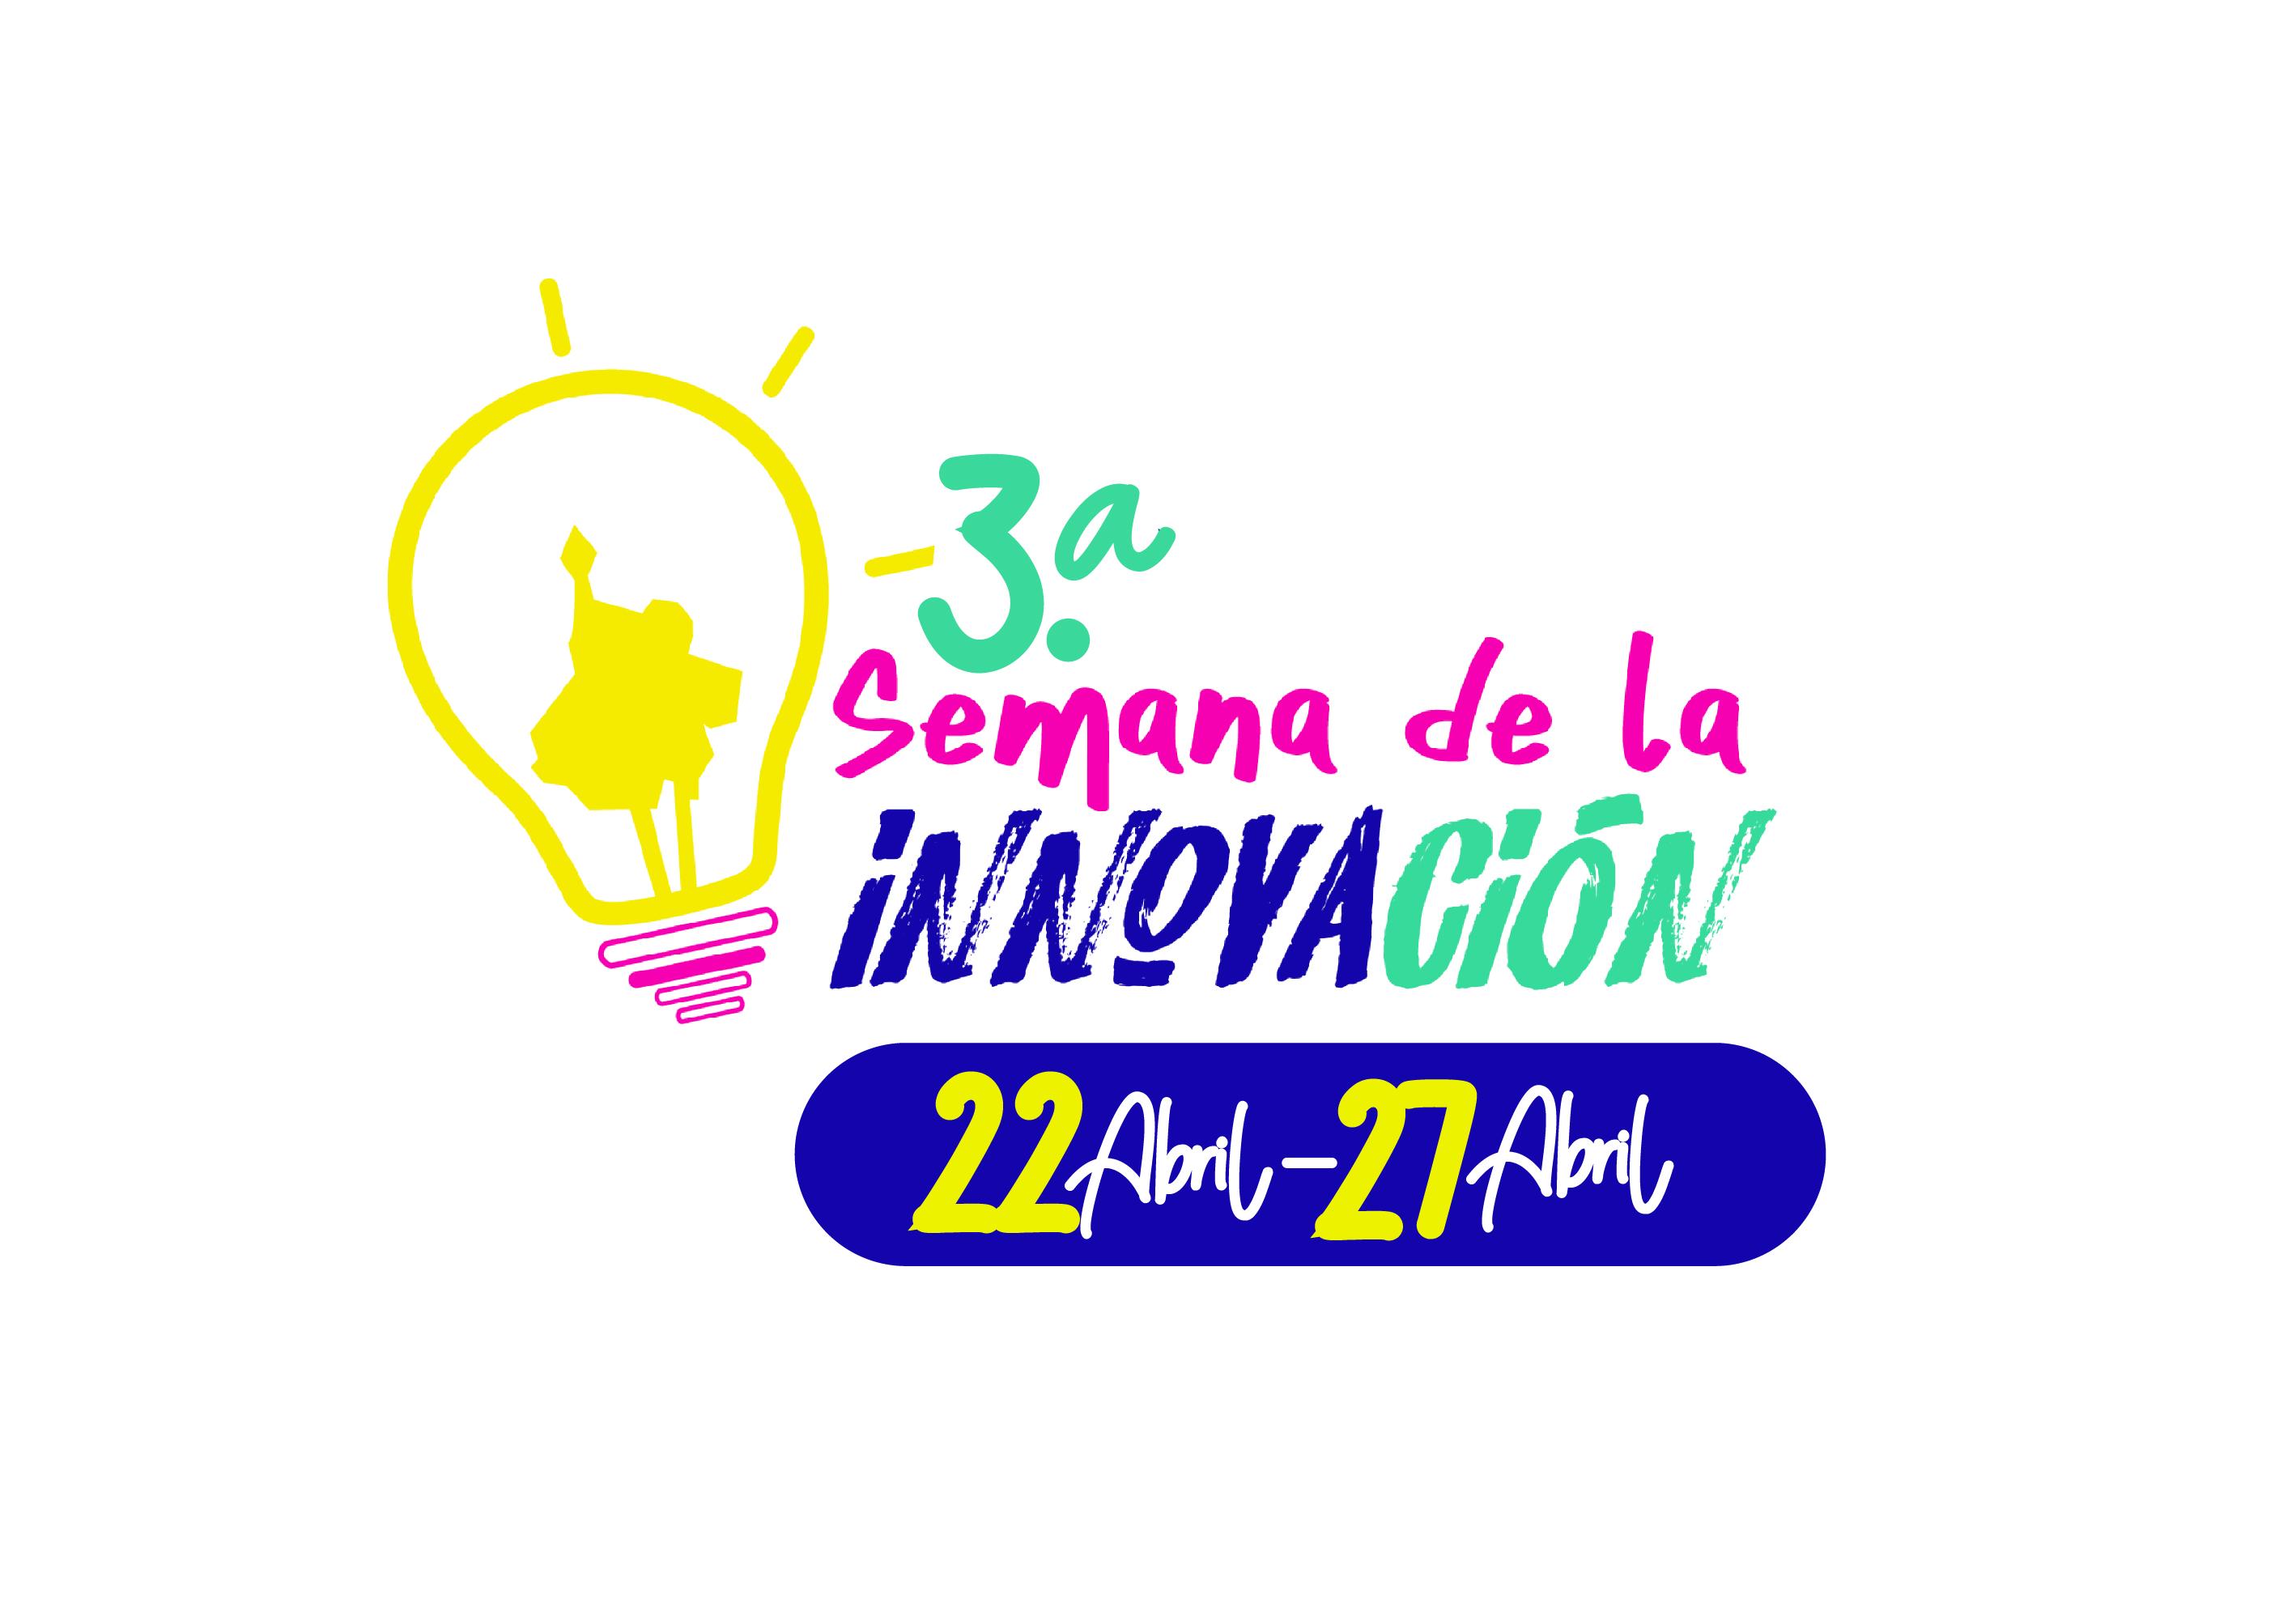 33 actividades preparadas para la tercera semana de la innovación en Bucaramanga    EL FRENTE